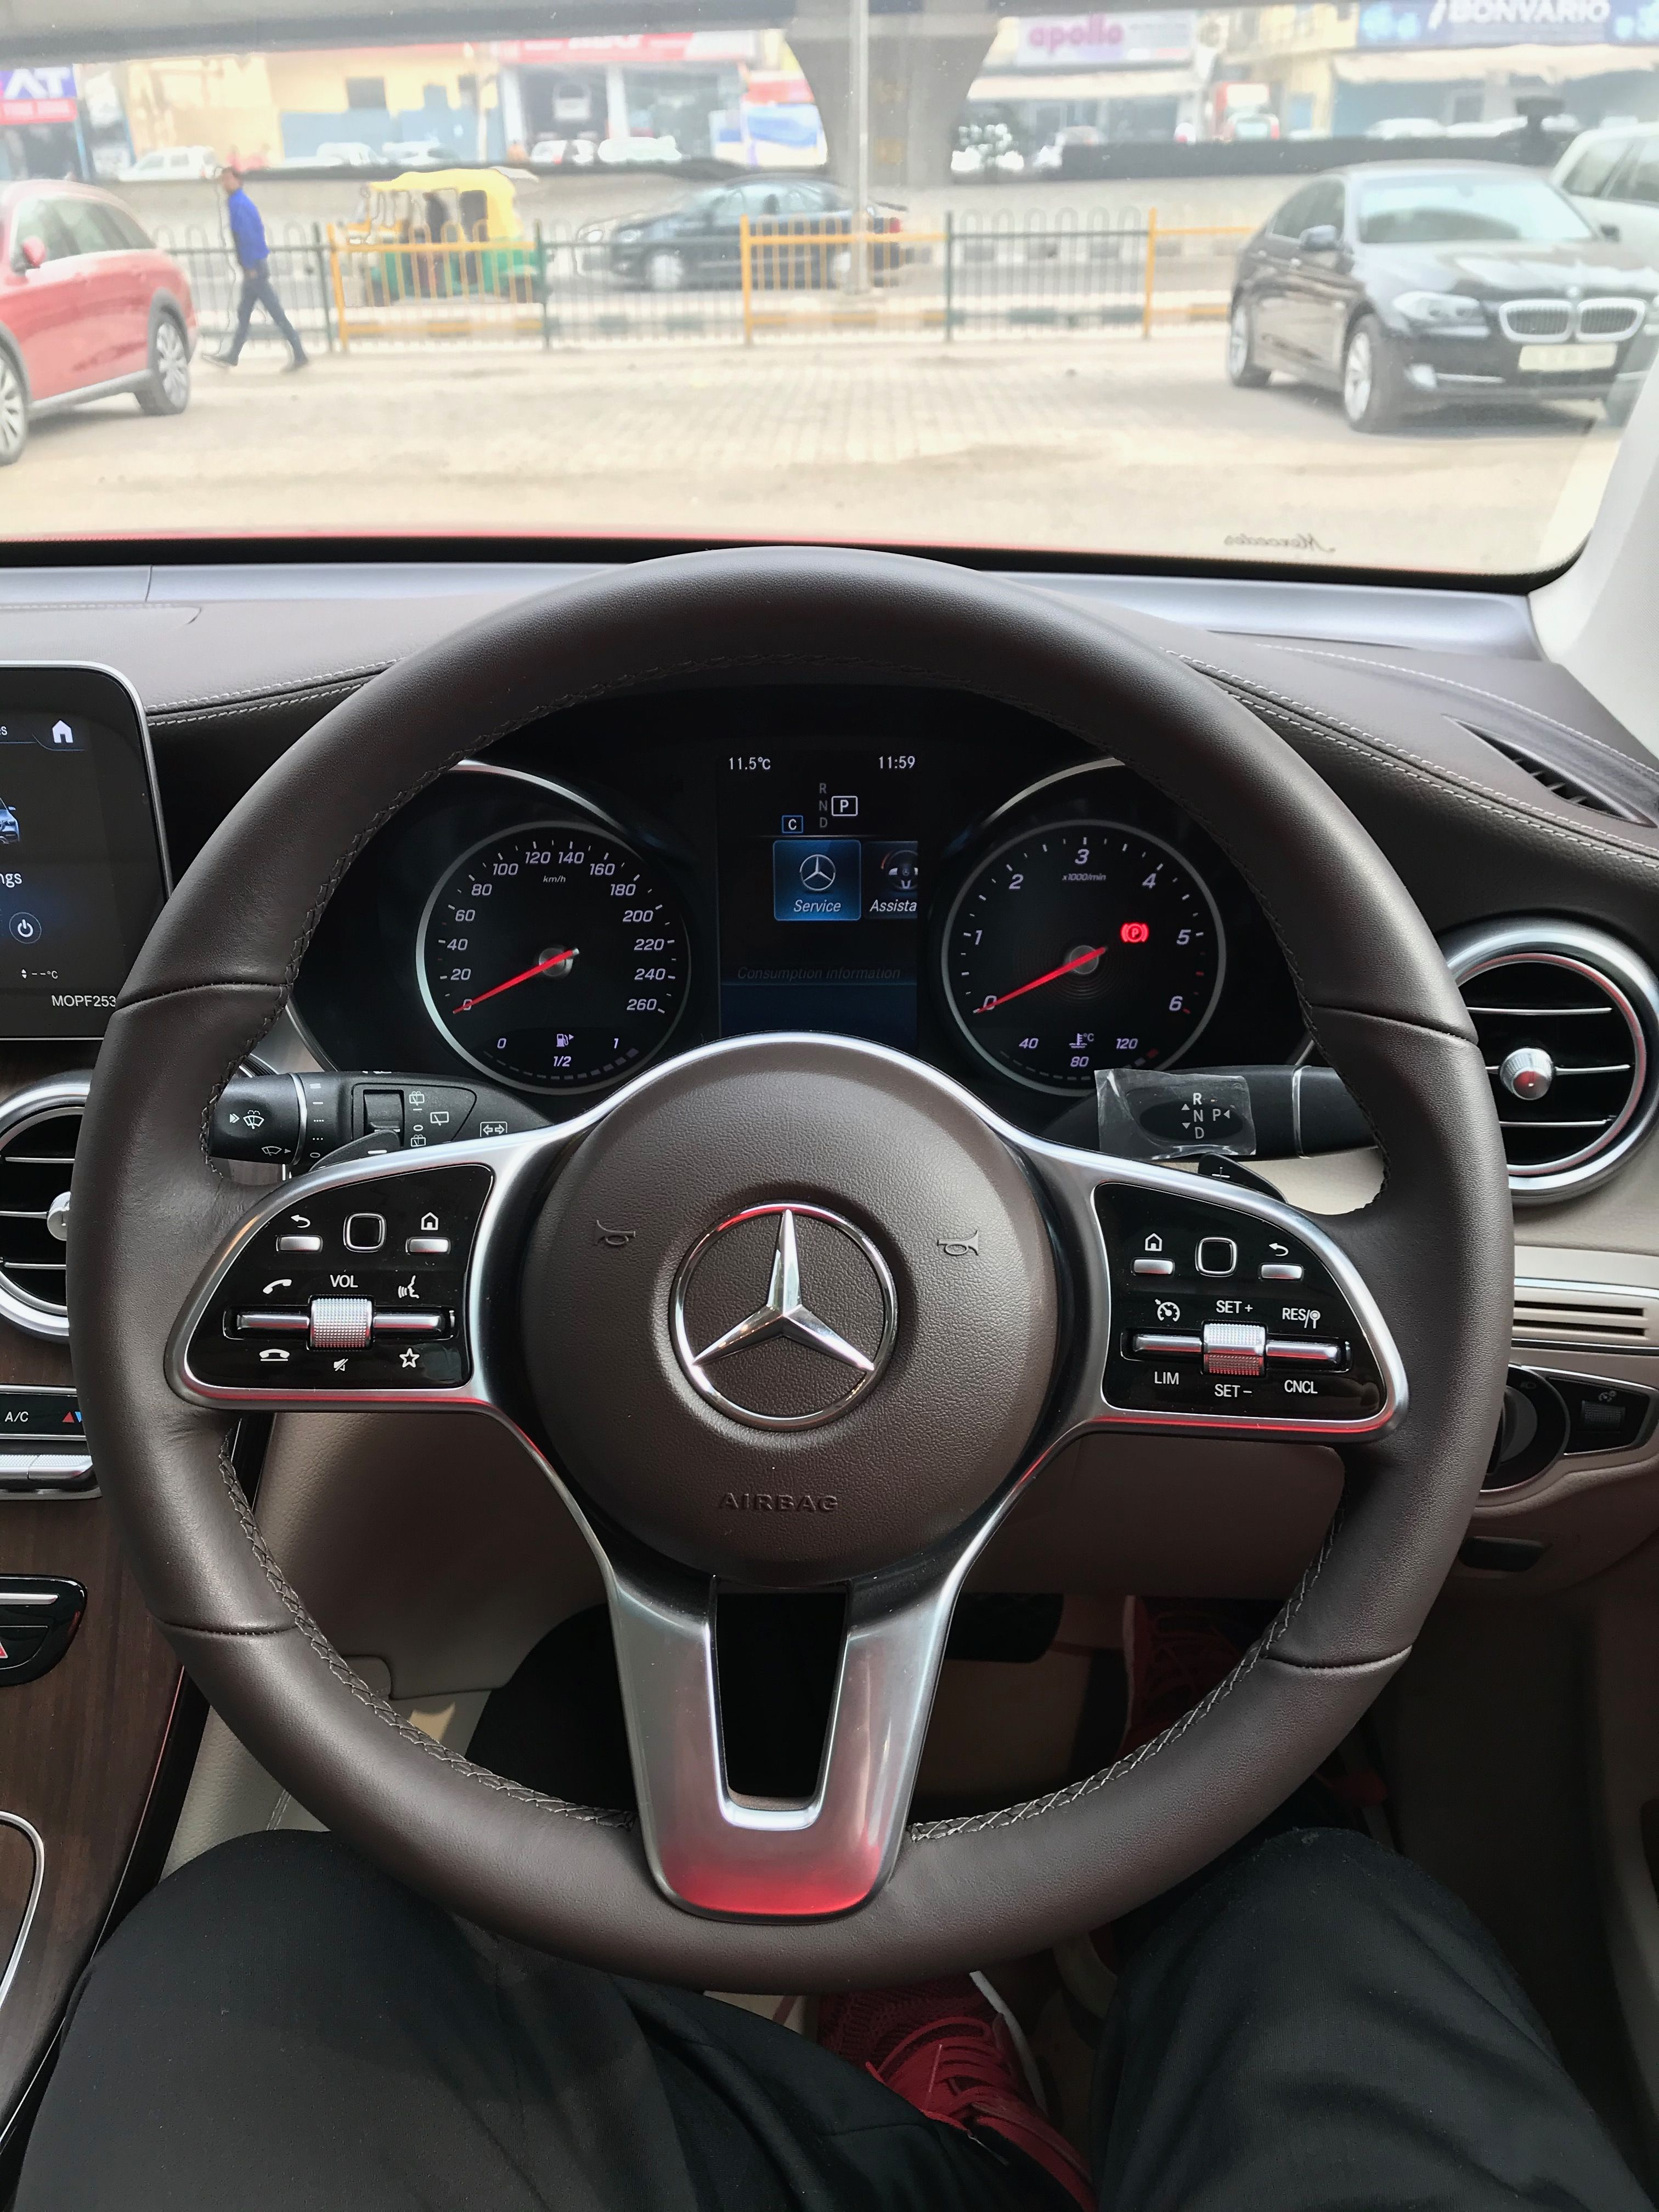 Mercedes Benz Glc 220d 4matic 68 Lakh Real Life Review In 2021 Mercedes Benz India Mercedes Benz Glc Mercedes Benz Wallpaper mercedes glc 220d rear view